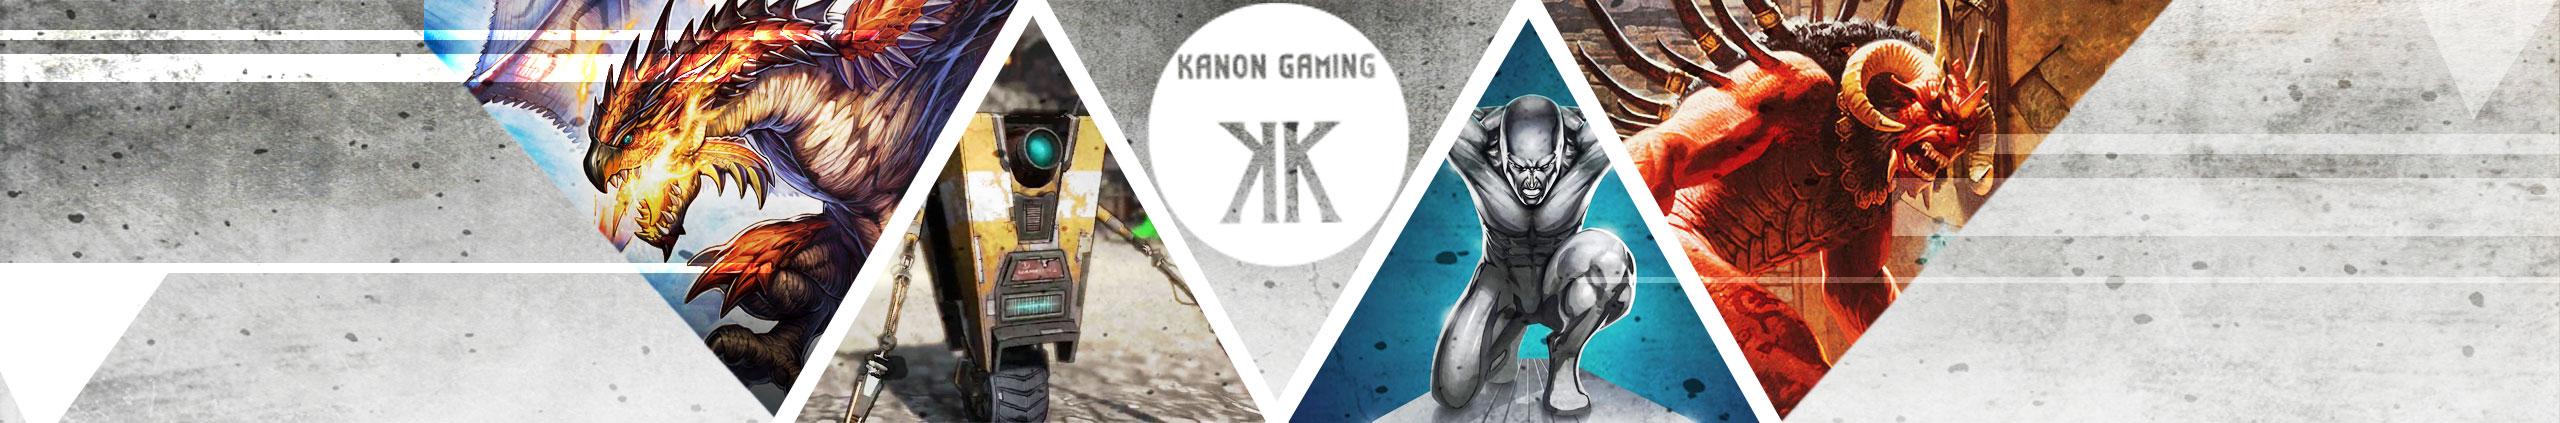 Kanon Gaming